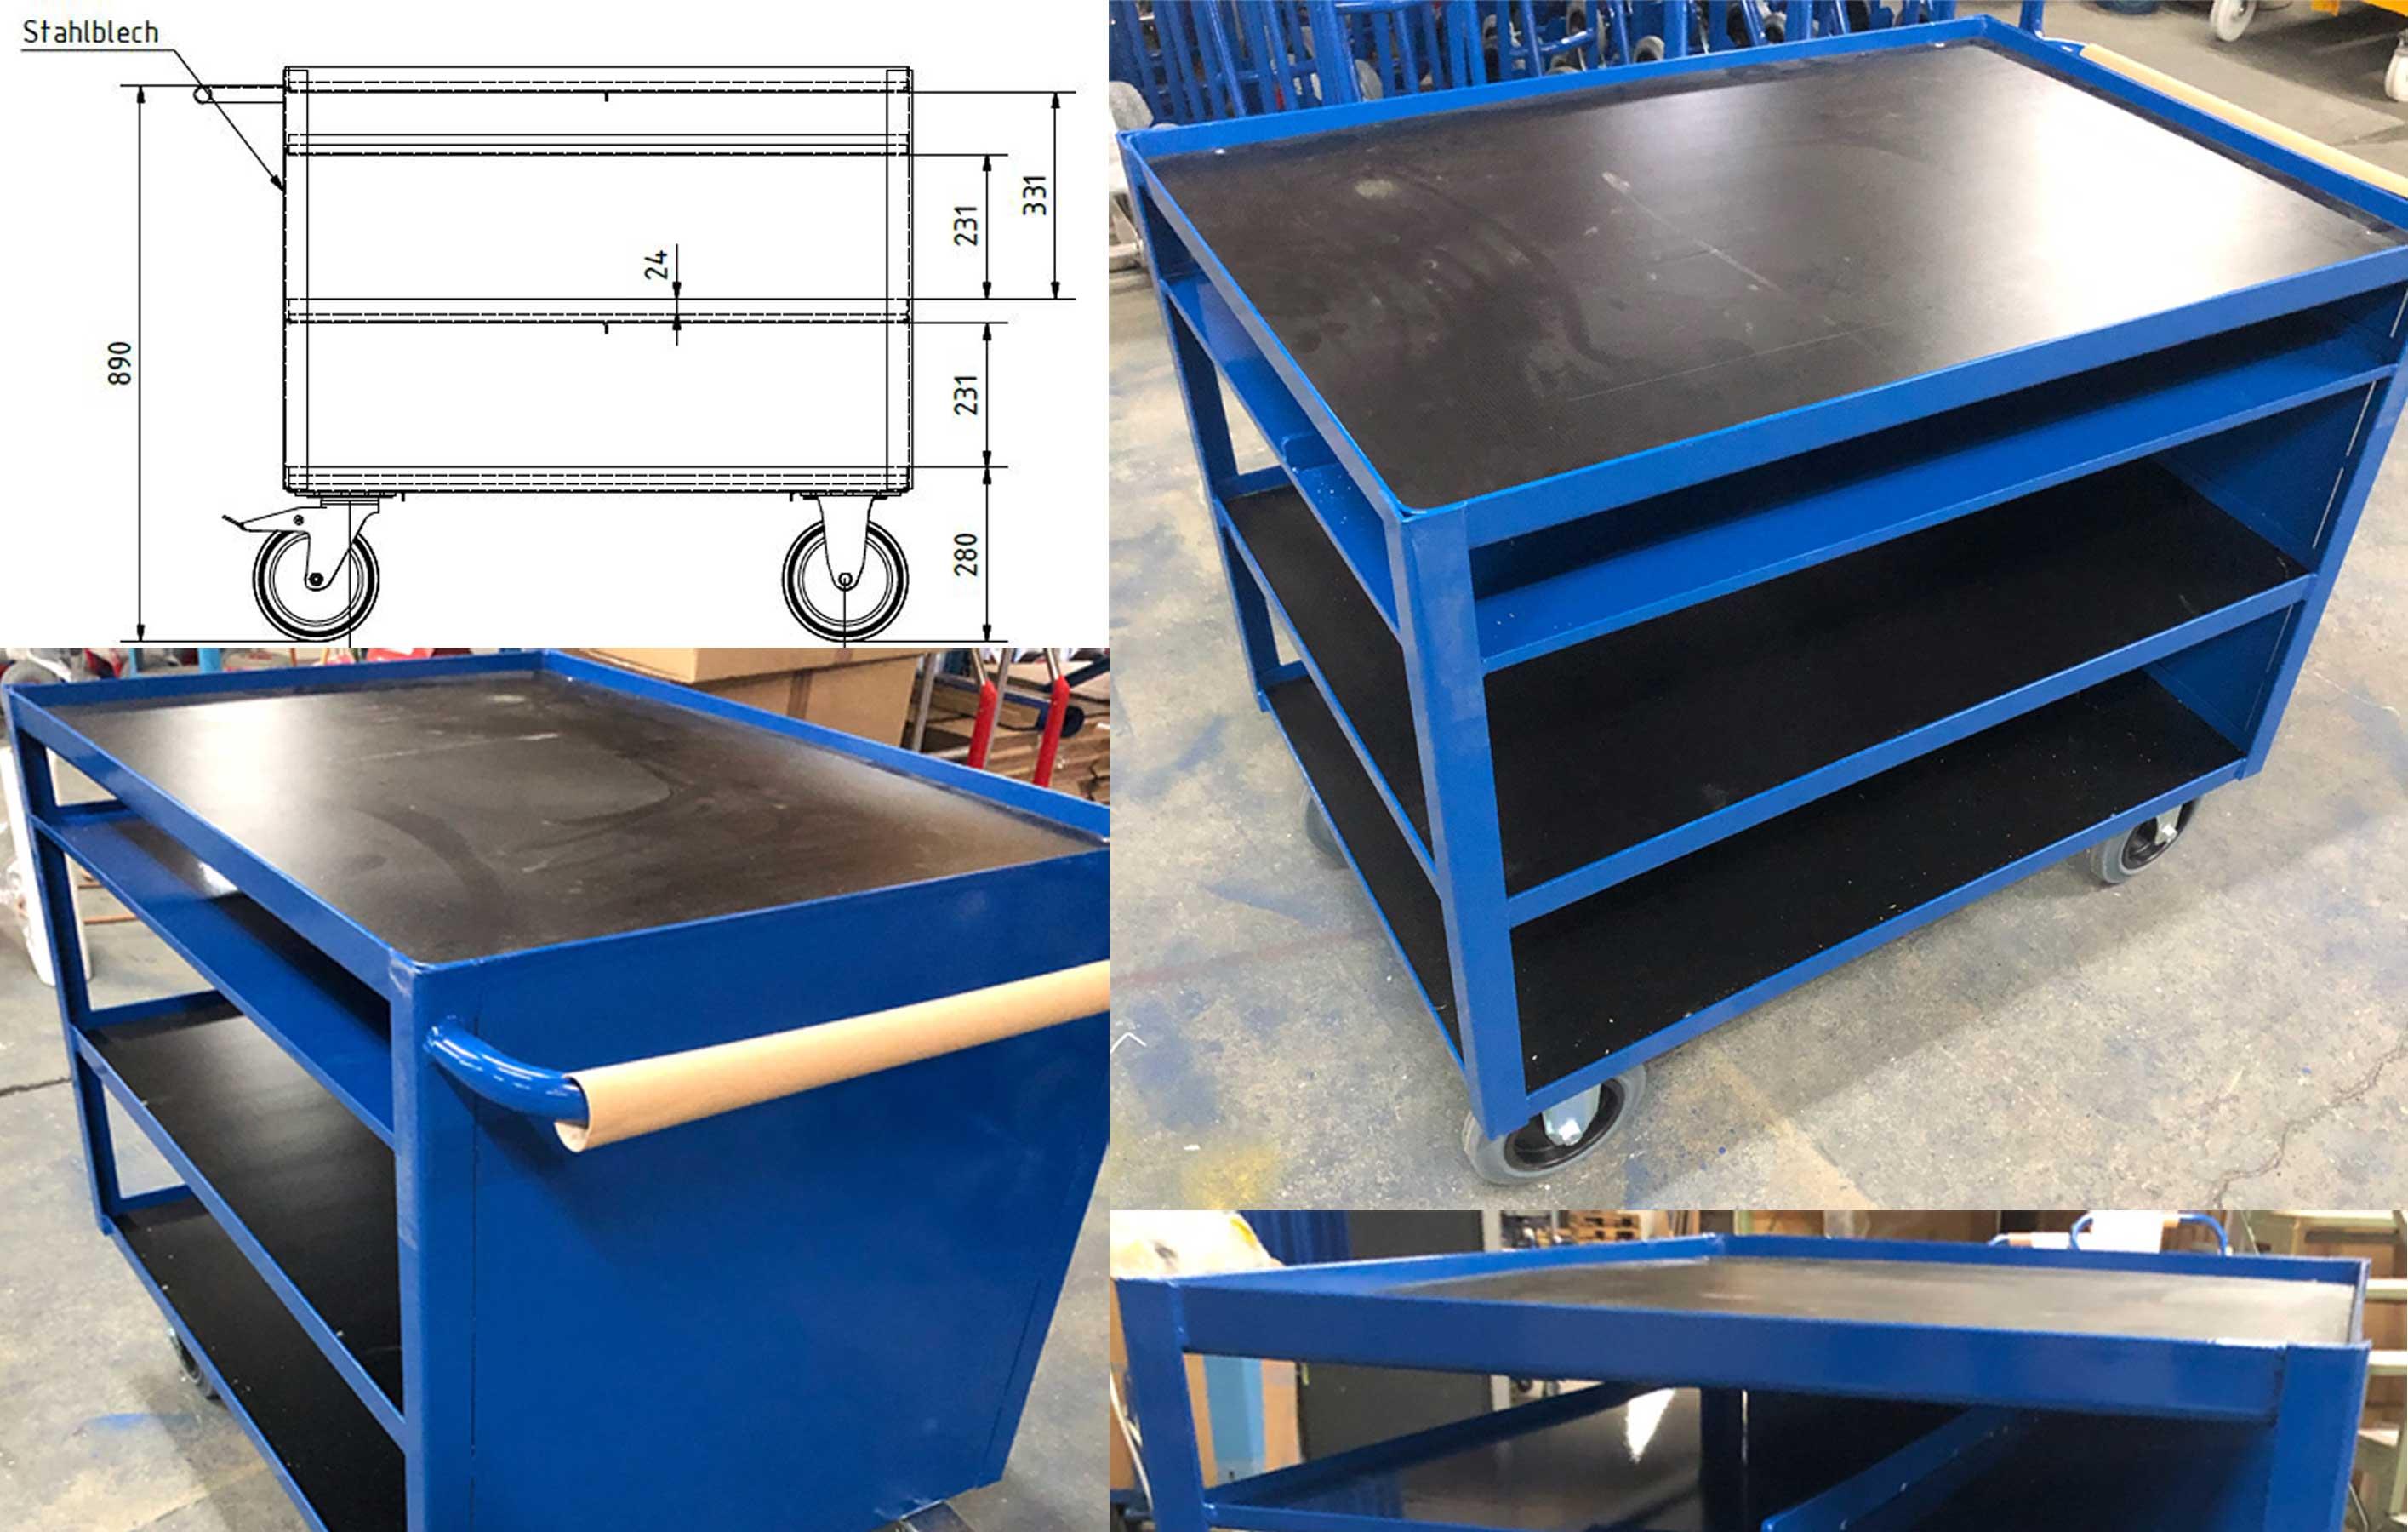 Etagenwagen für die Industrie mit Siebdruckplatten und rundumlaufendem Stahlrand, Einlegeboden aus Stahl mit Unterteilung gegen das Durchrutschen und Stirnseite aus Stahlblech